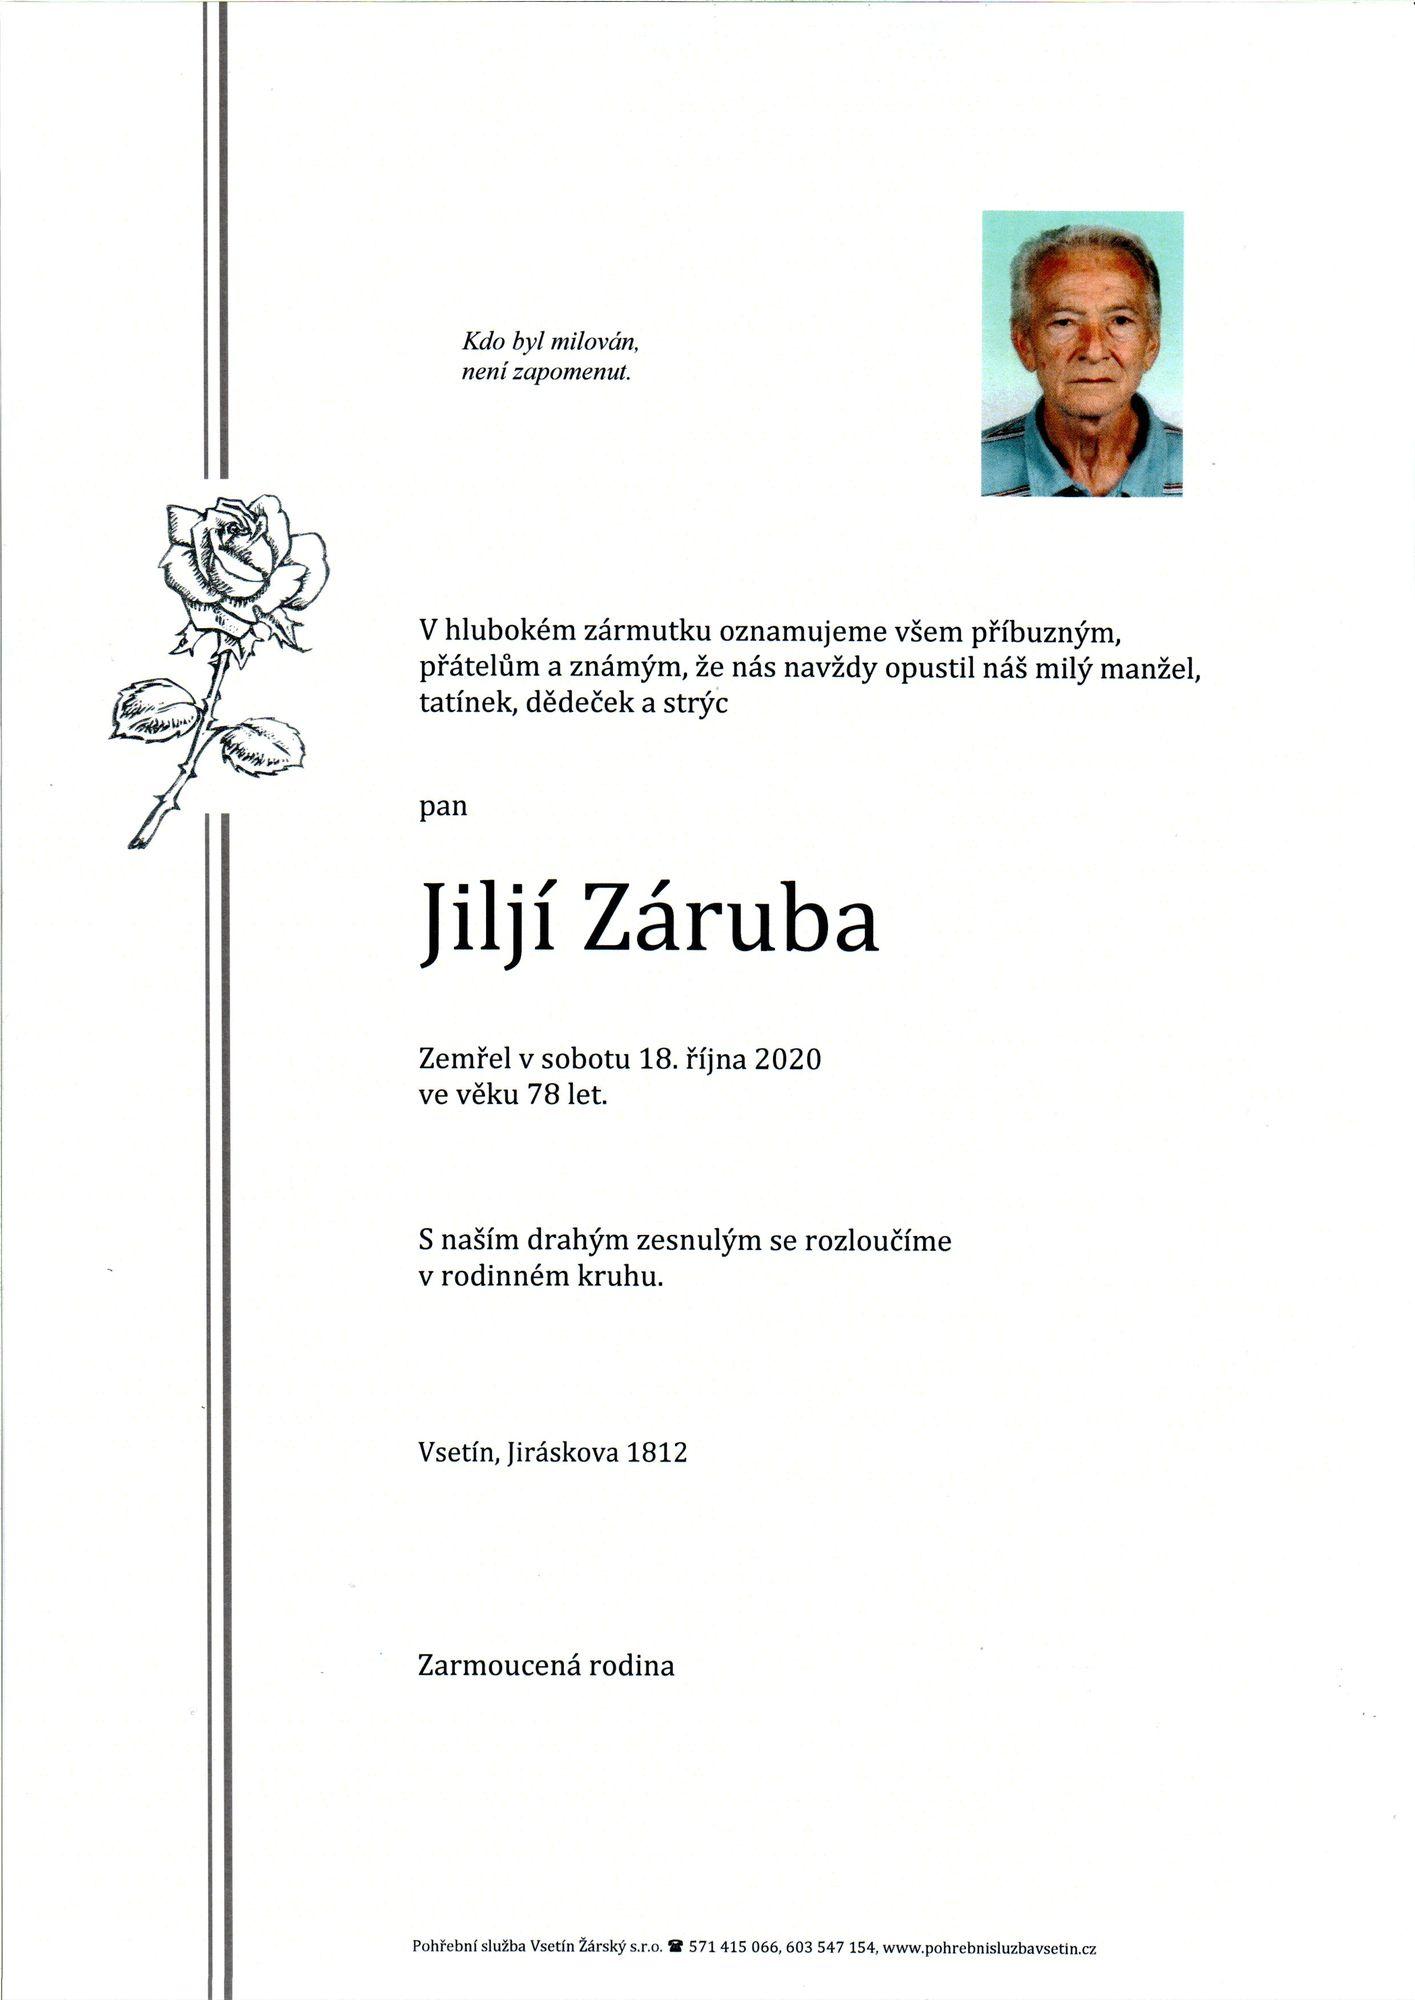 Jiljí Záruba